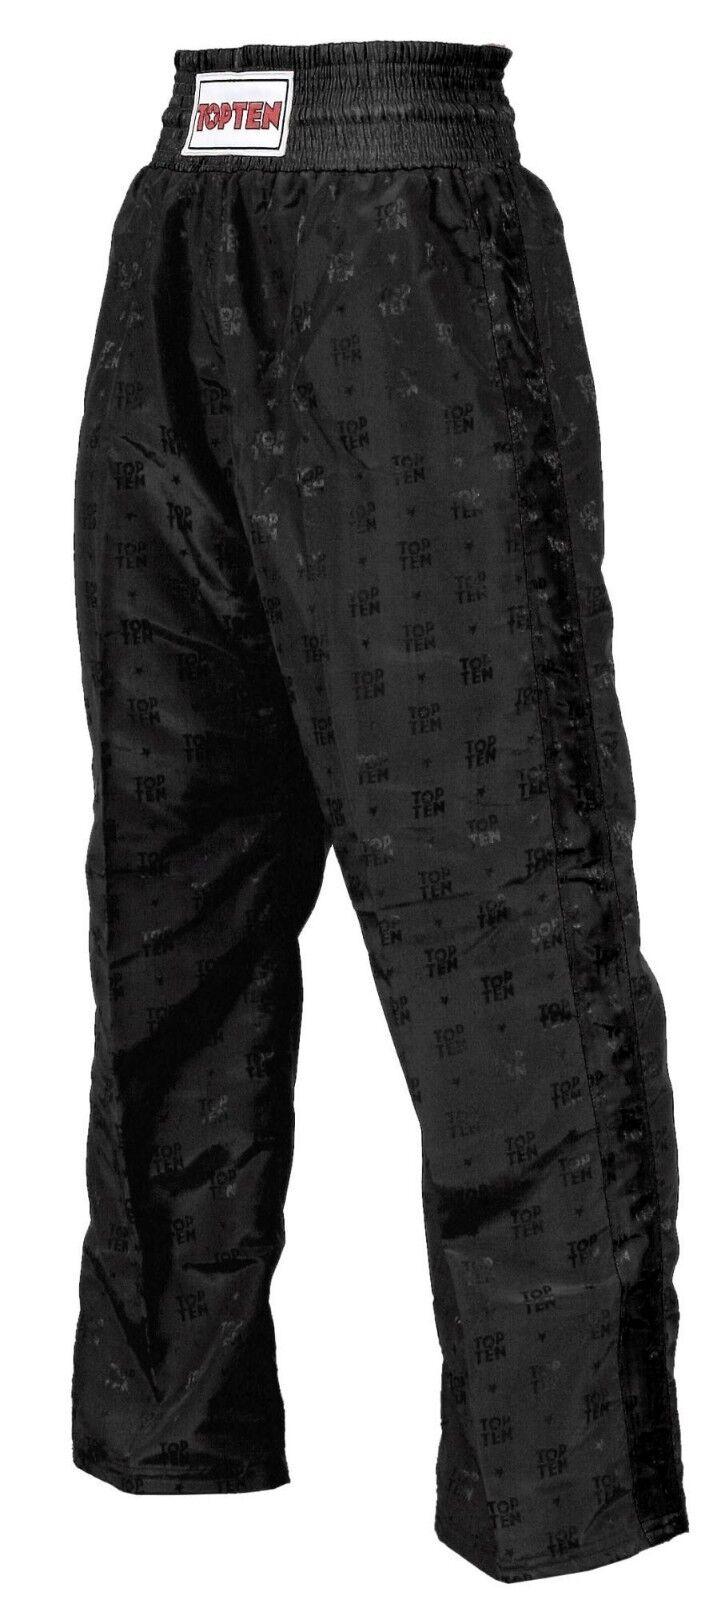 Kickboxhose, Classic von TOP TEN für KIDS, cooles Outfit.Gr. 120 - 150cm